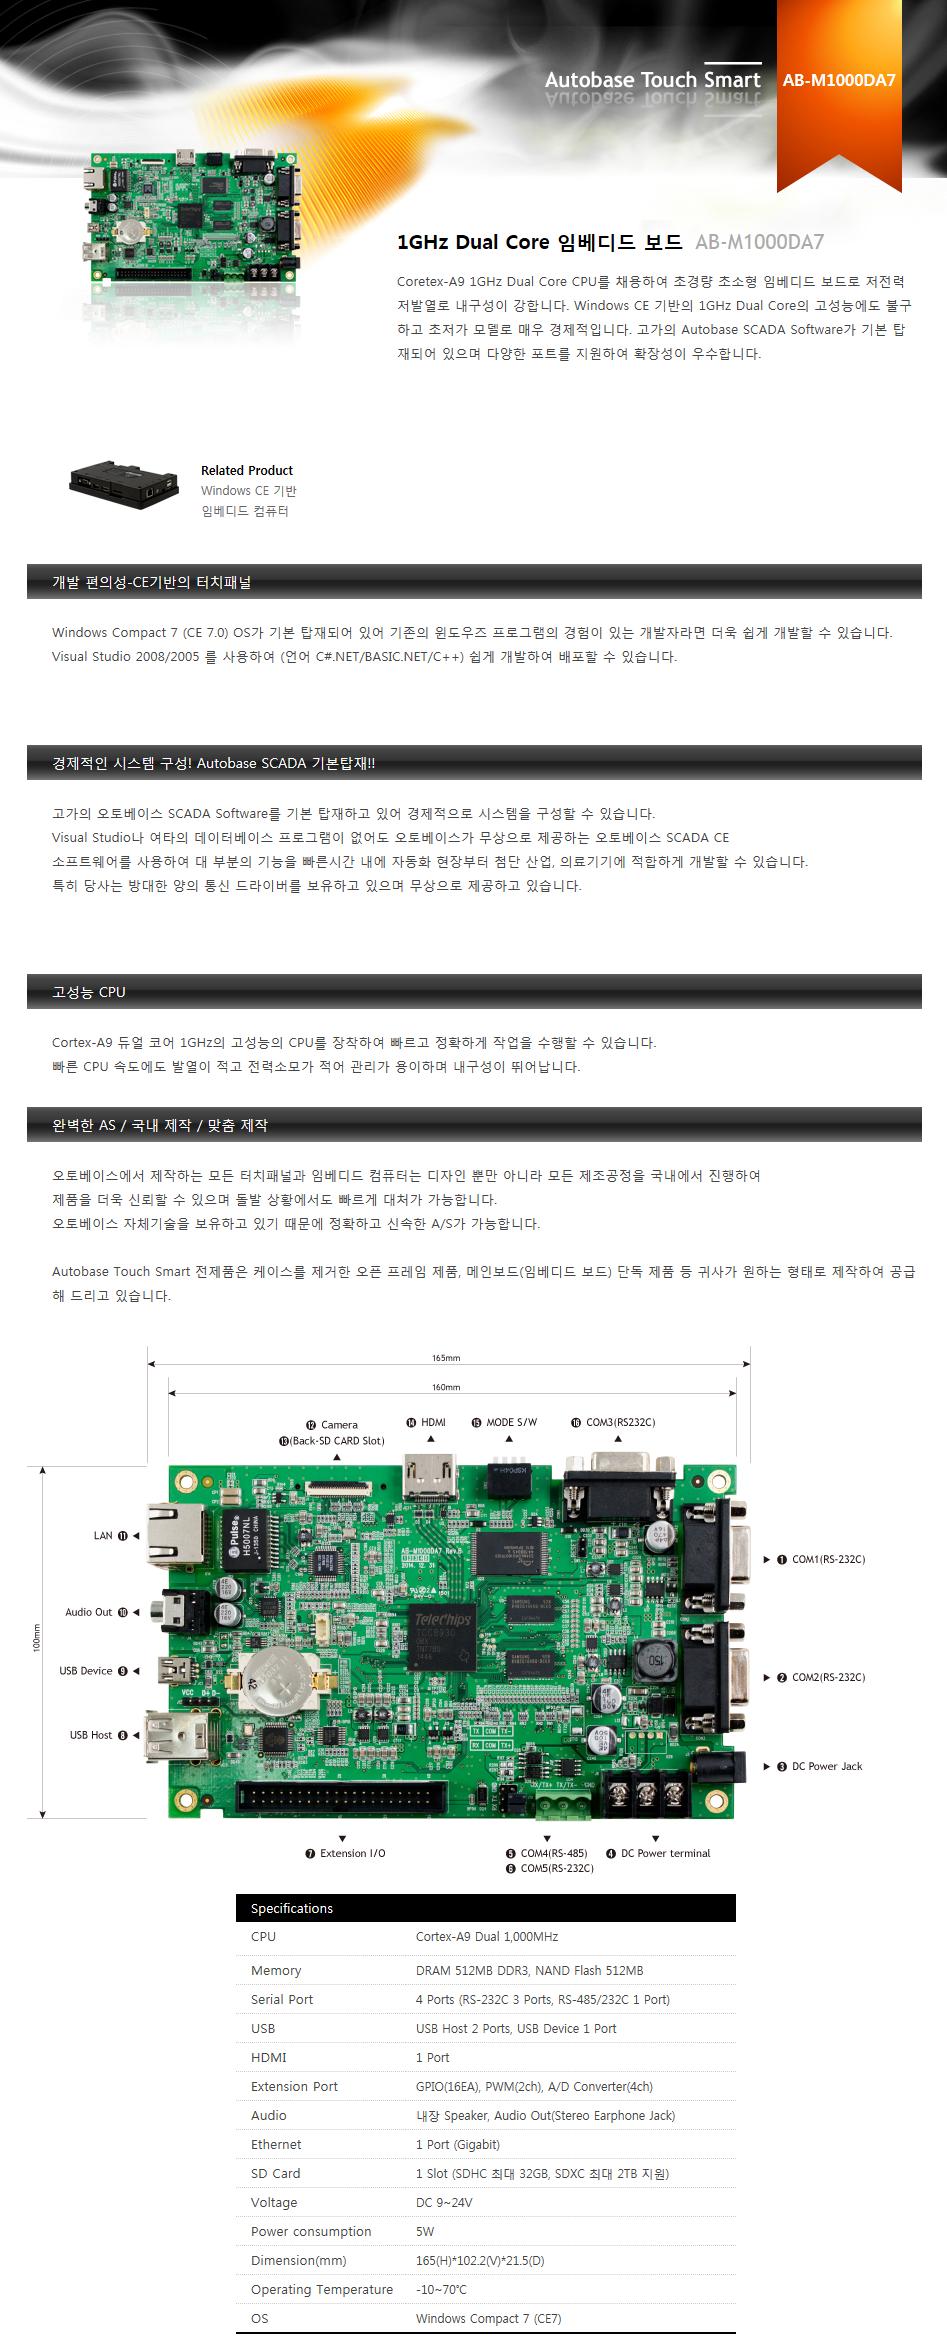 (주)오토베이스 1GHz Dual Core 임베디드 보드 AB-M1000DA7 1